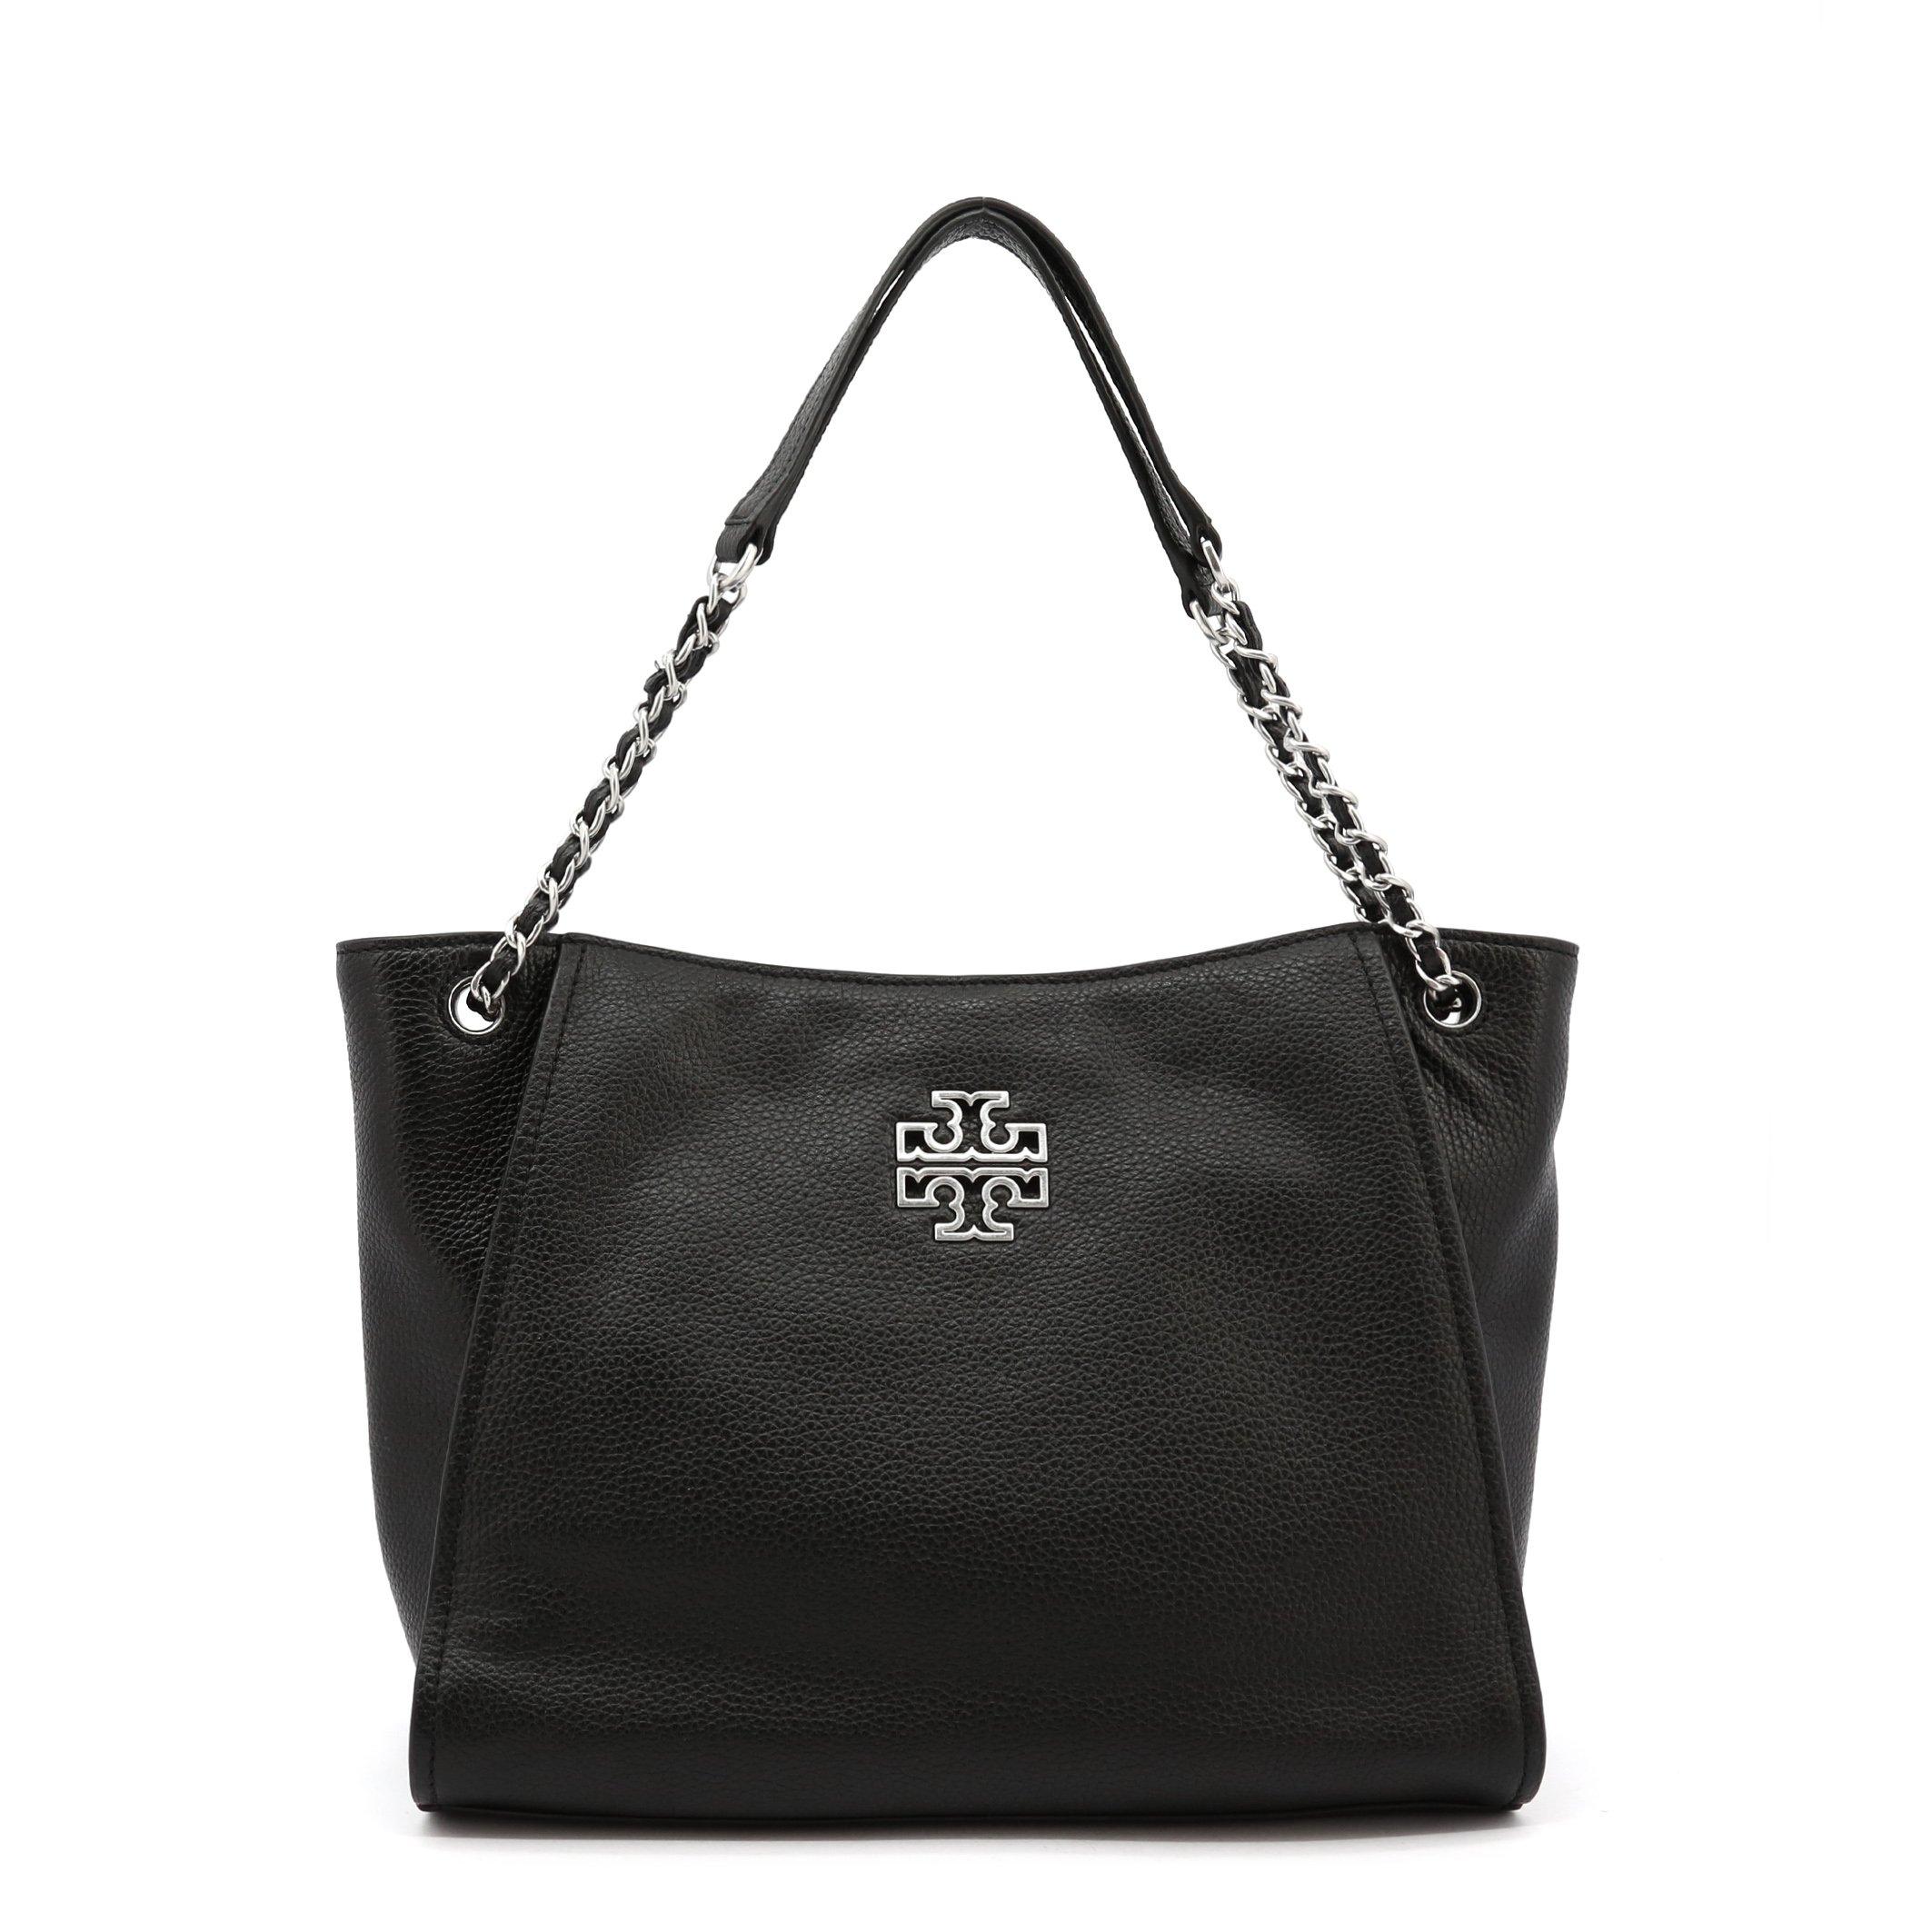 Tory Burch Women's Shoulder Bag Various Colours 73503 - black NOSIZE